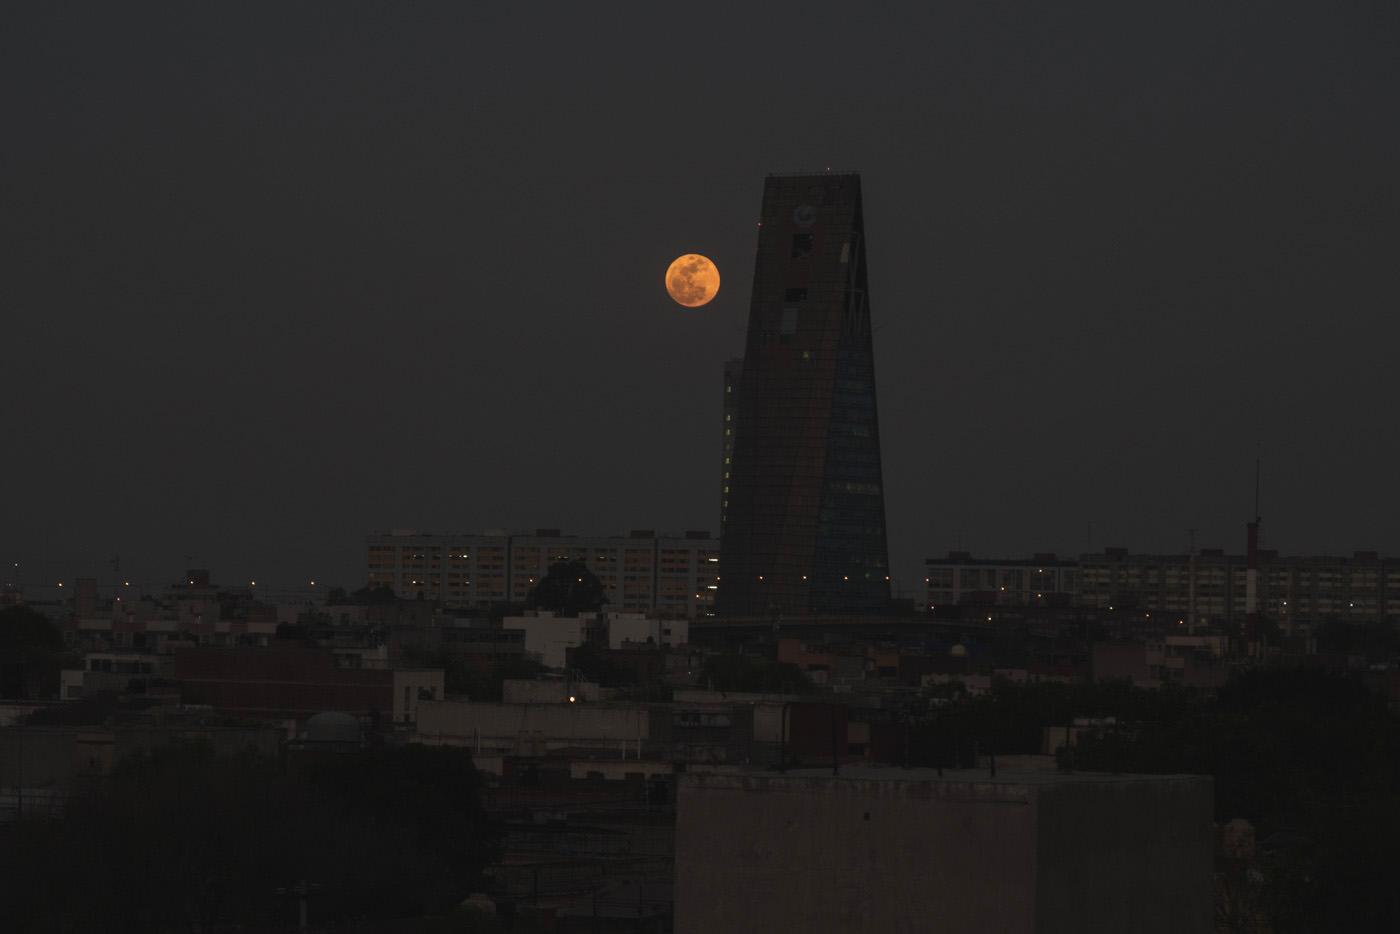 Vollmond über Mexiko-Stadt